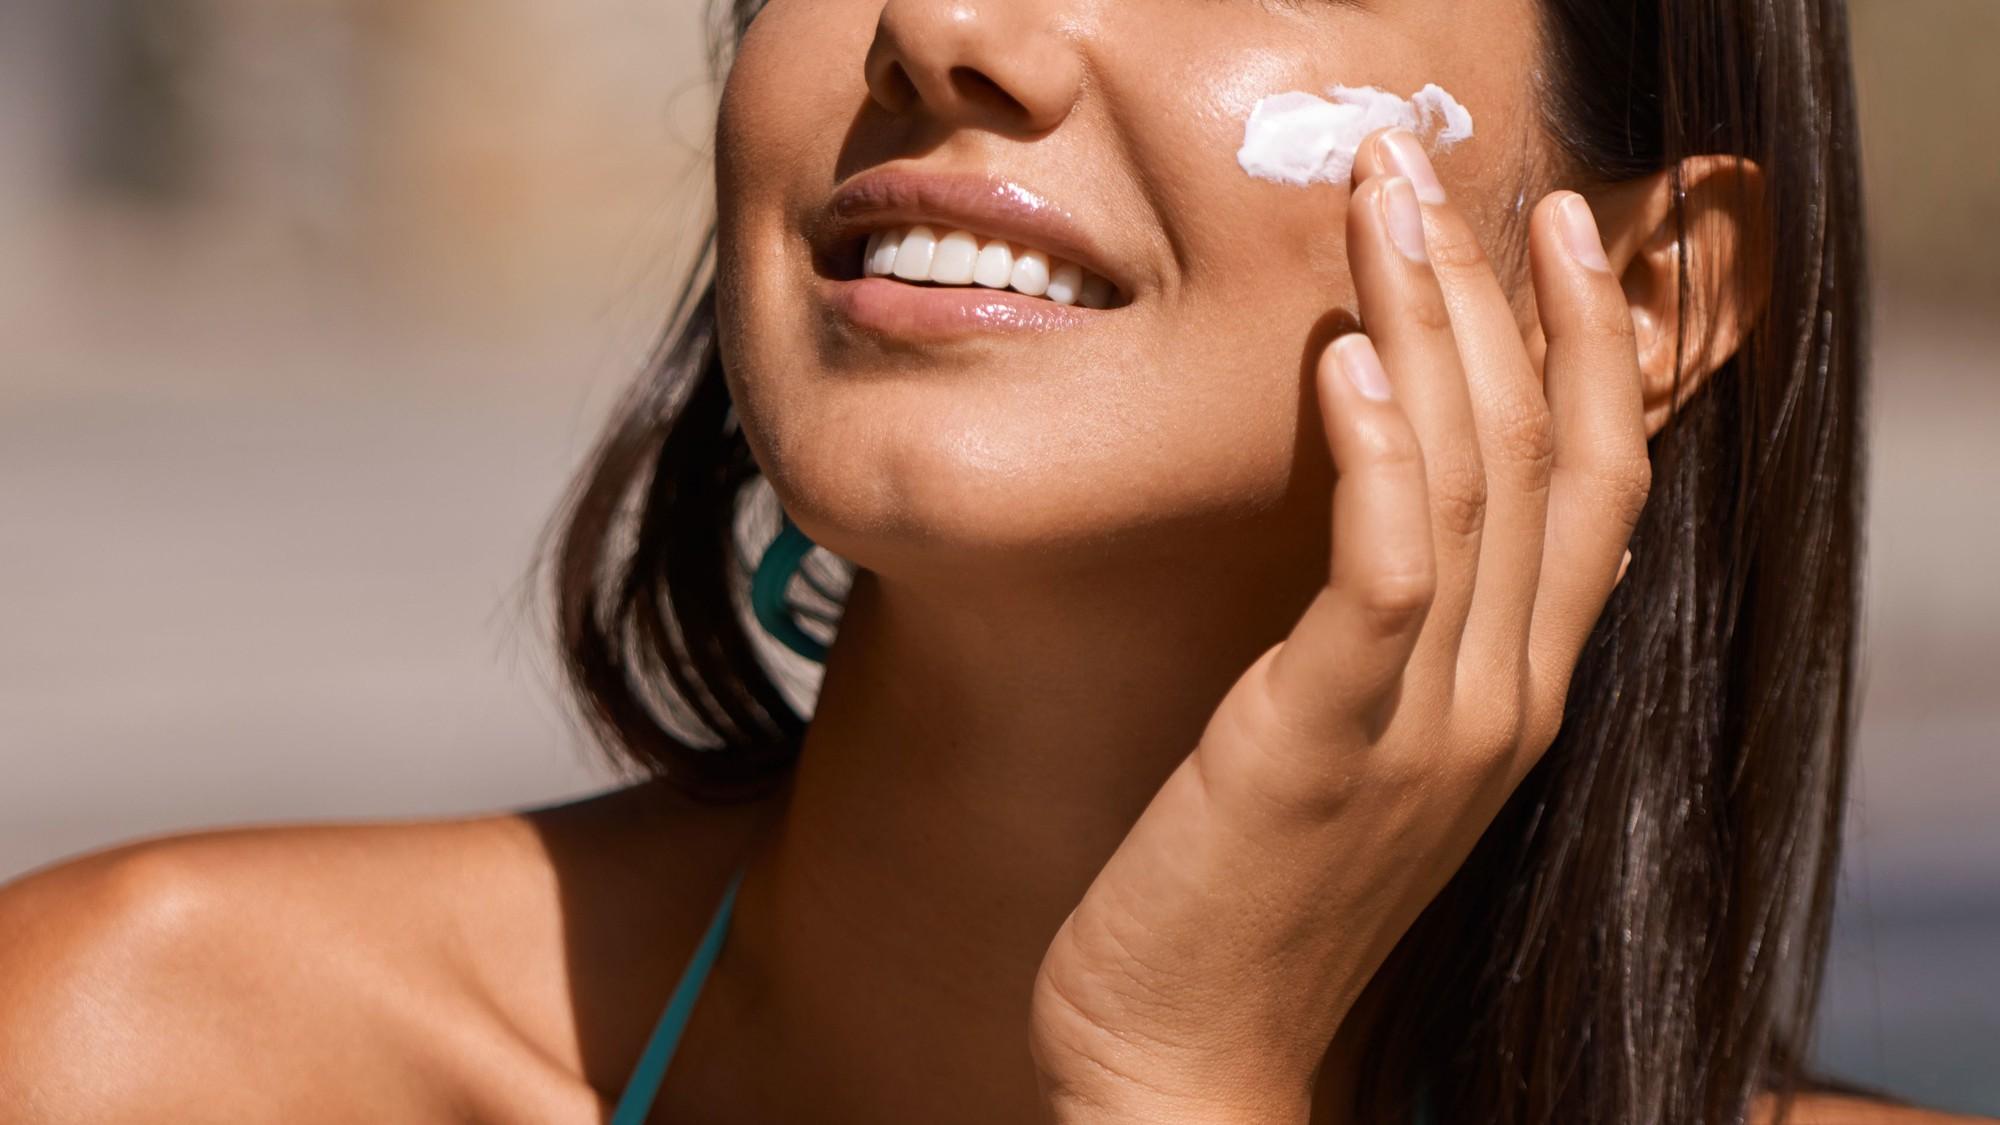 Chuyên gia cảnh báo hóa chất trong kem chống nắng có thể hấp thụ vào máu - Ảnh 3.